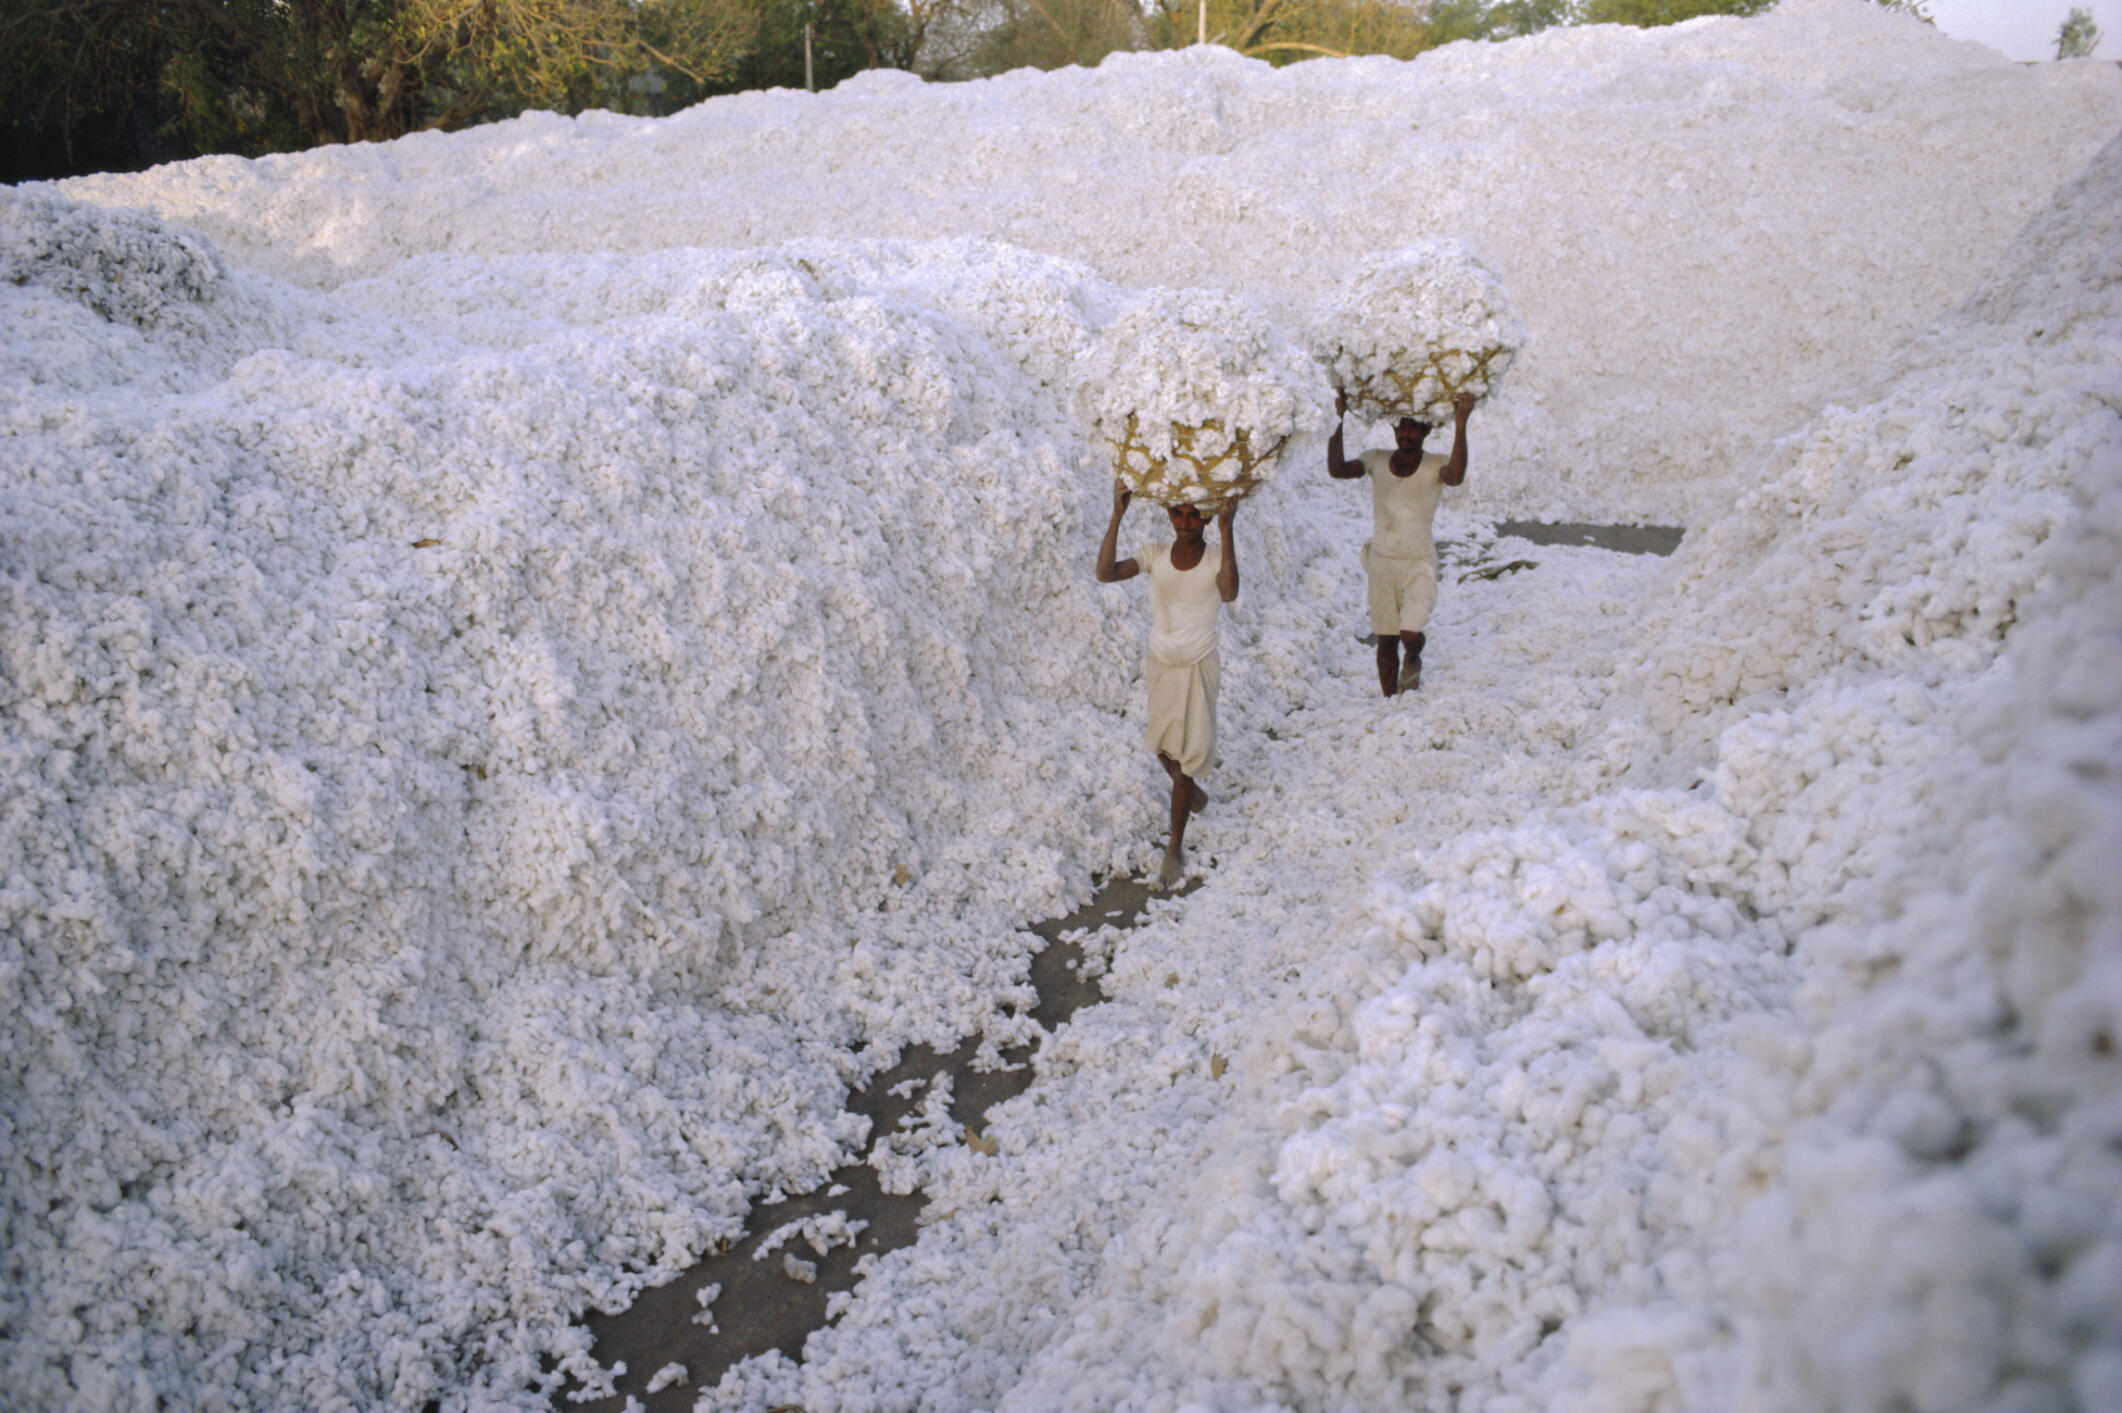 Une exploitation de coton dans la région de Gujarat, en Inde.